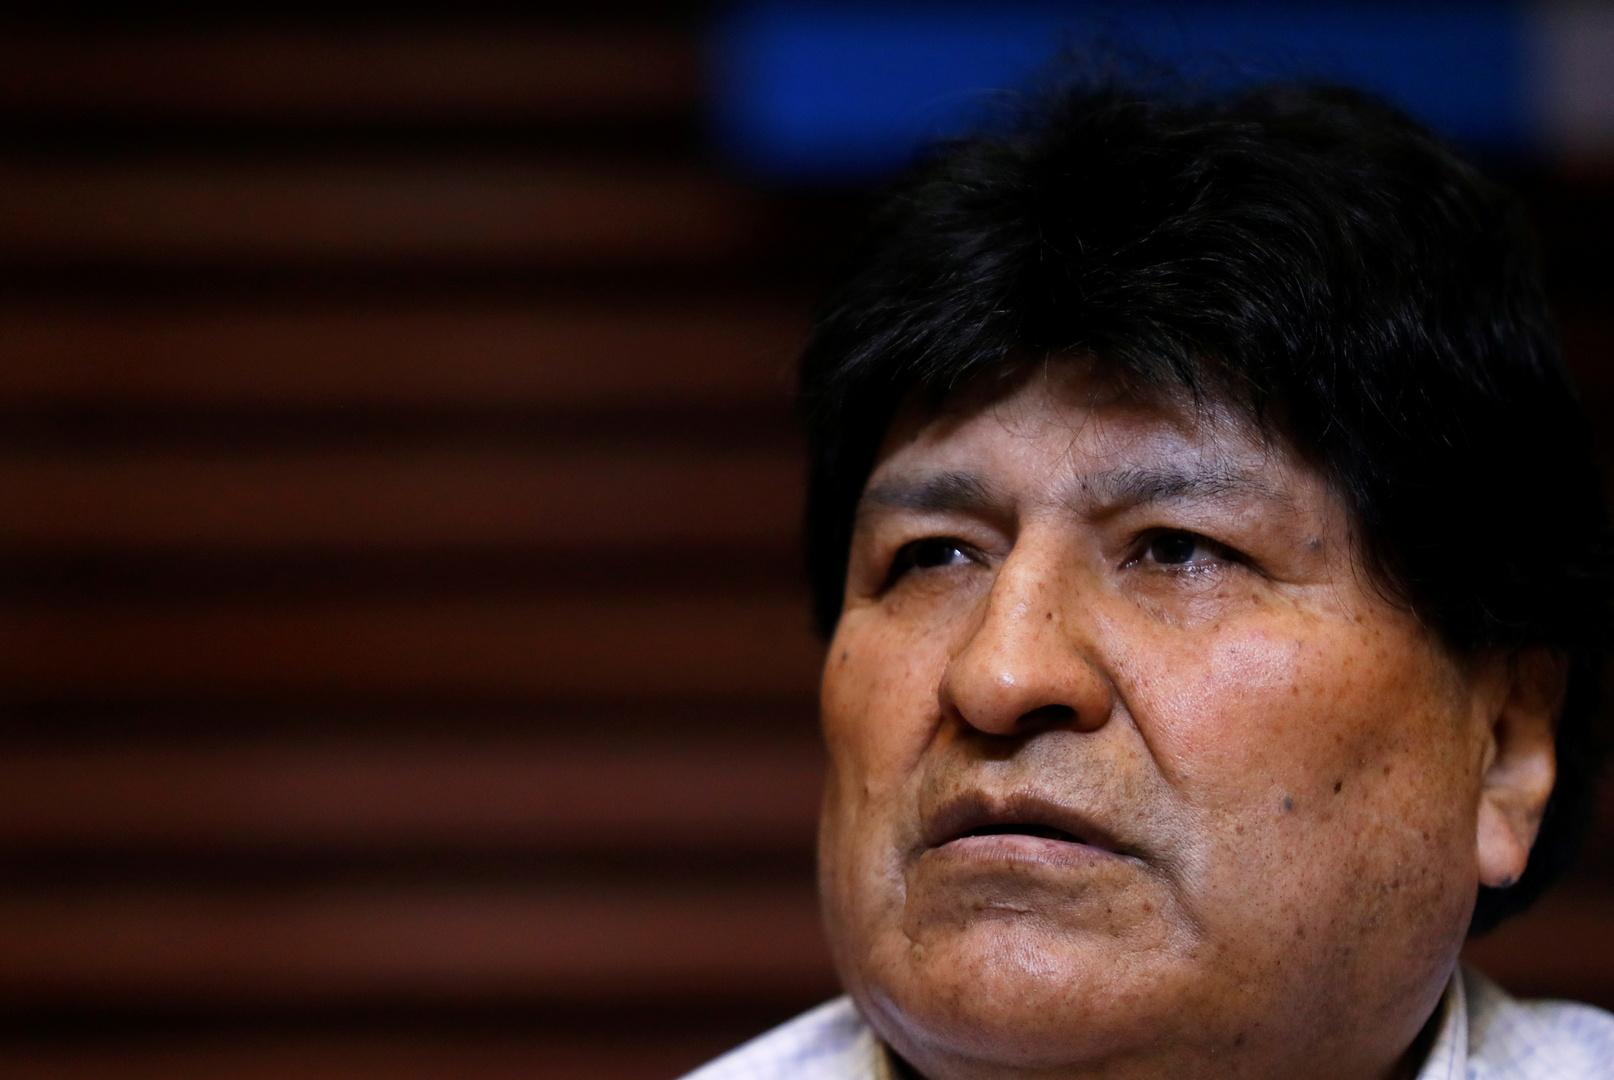 الرئيس البوليفي السابق يغادر الأرجنتين باتجاه فنزويلا بعد فوز حزبه في الانتخابات